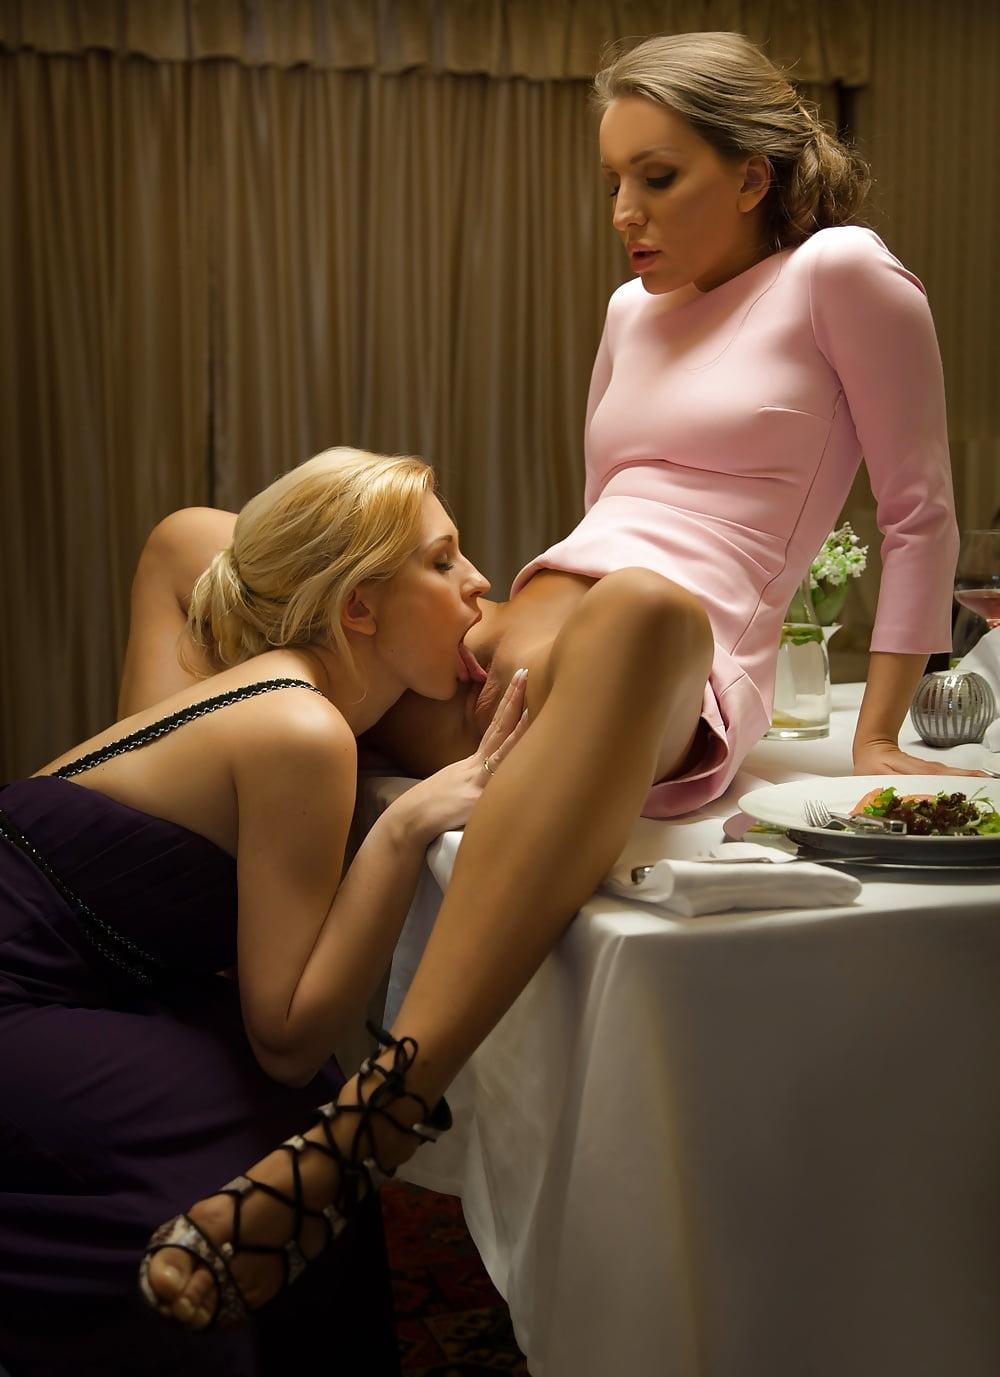 online Lesben sexpics - Kostenlose Sexbilder und heisse Pornobilder